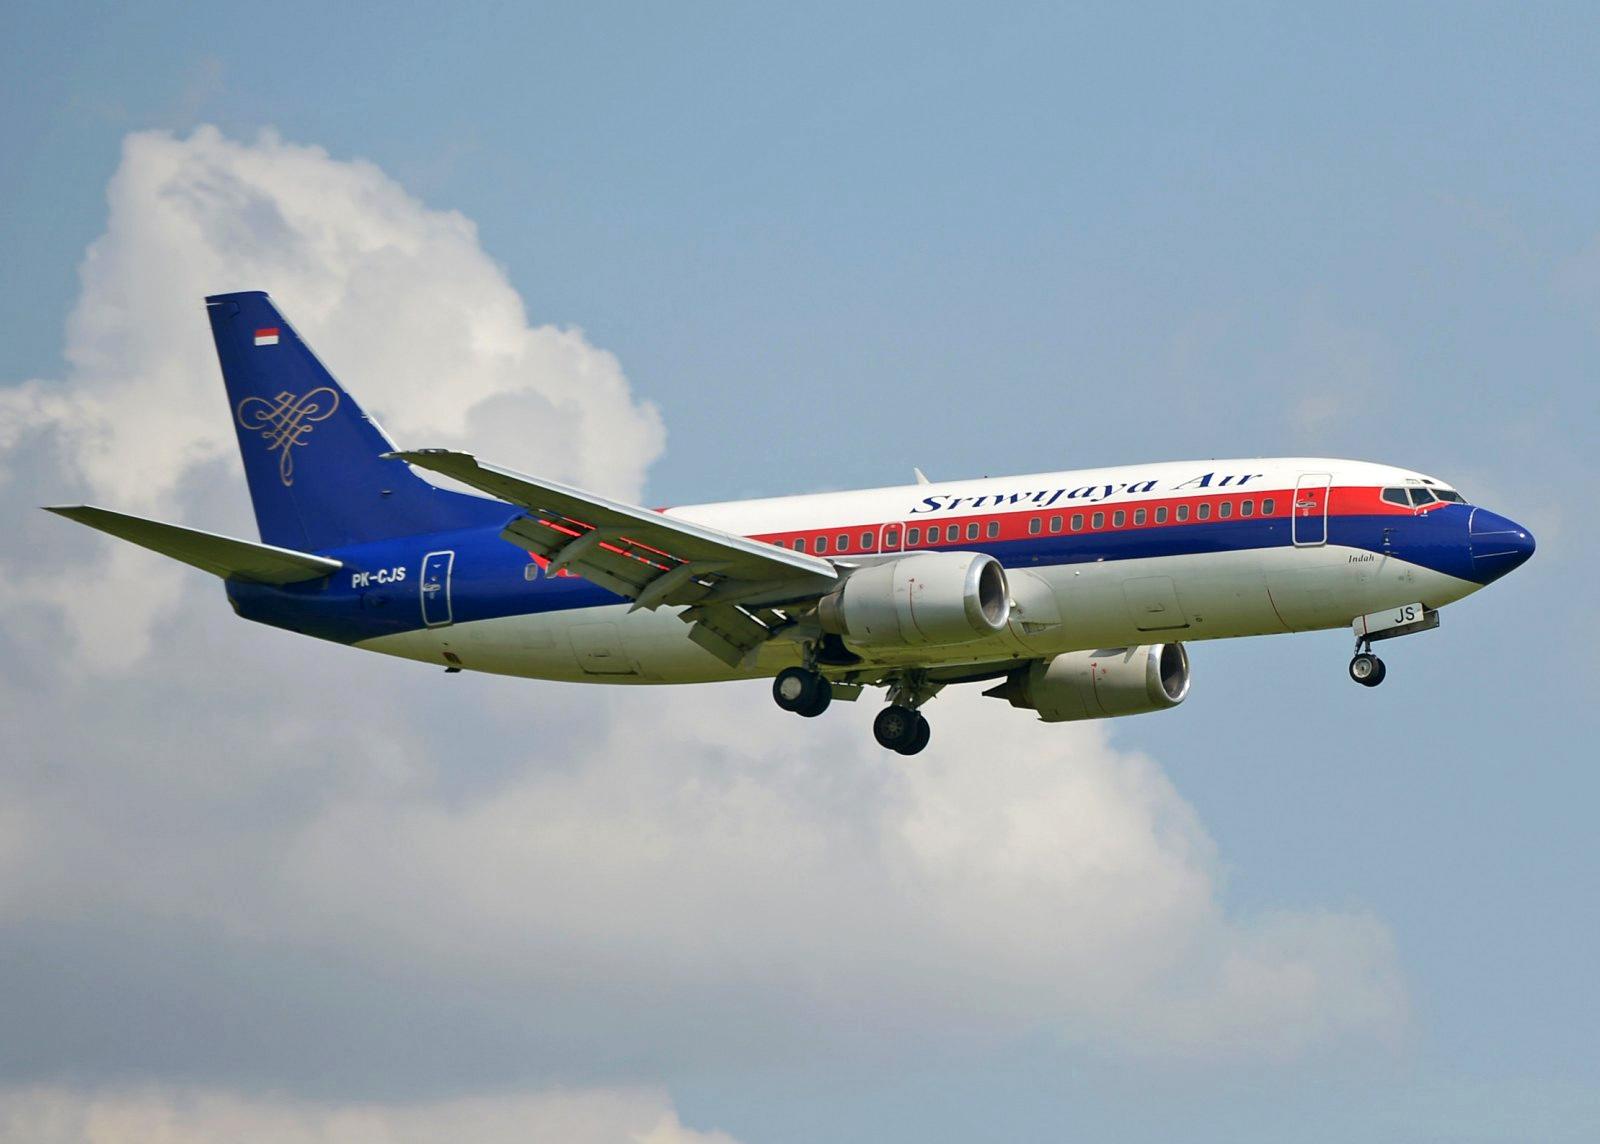 Desapareció un avión Boeing 737 pocos minutos después de despegar de Yakarta